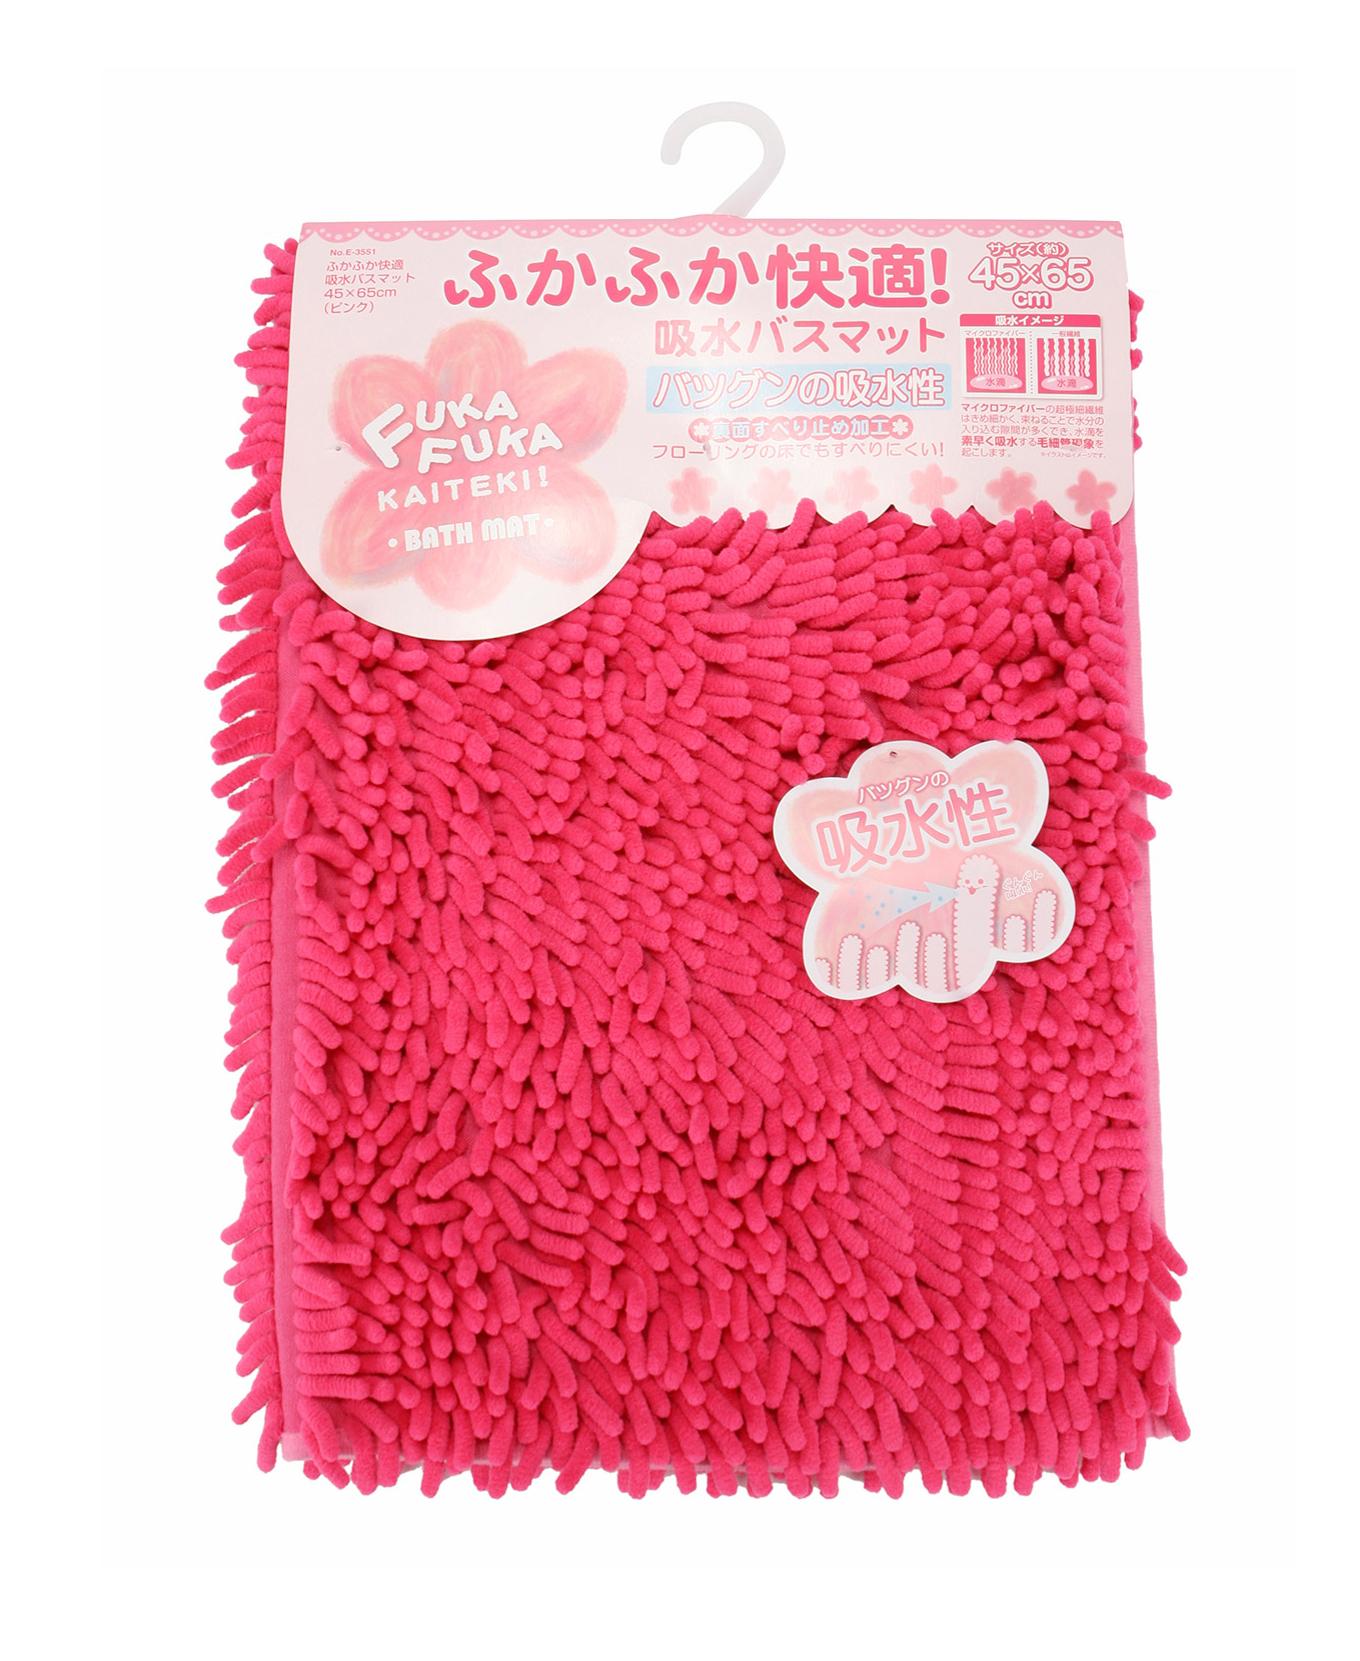 Thảm siêu thấm sợi Microfiber 45x65 cm nội địa Nhật Bản